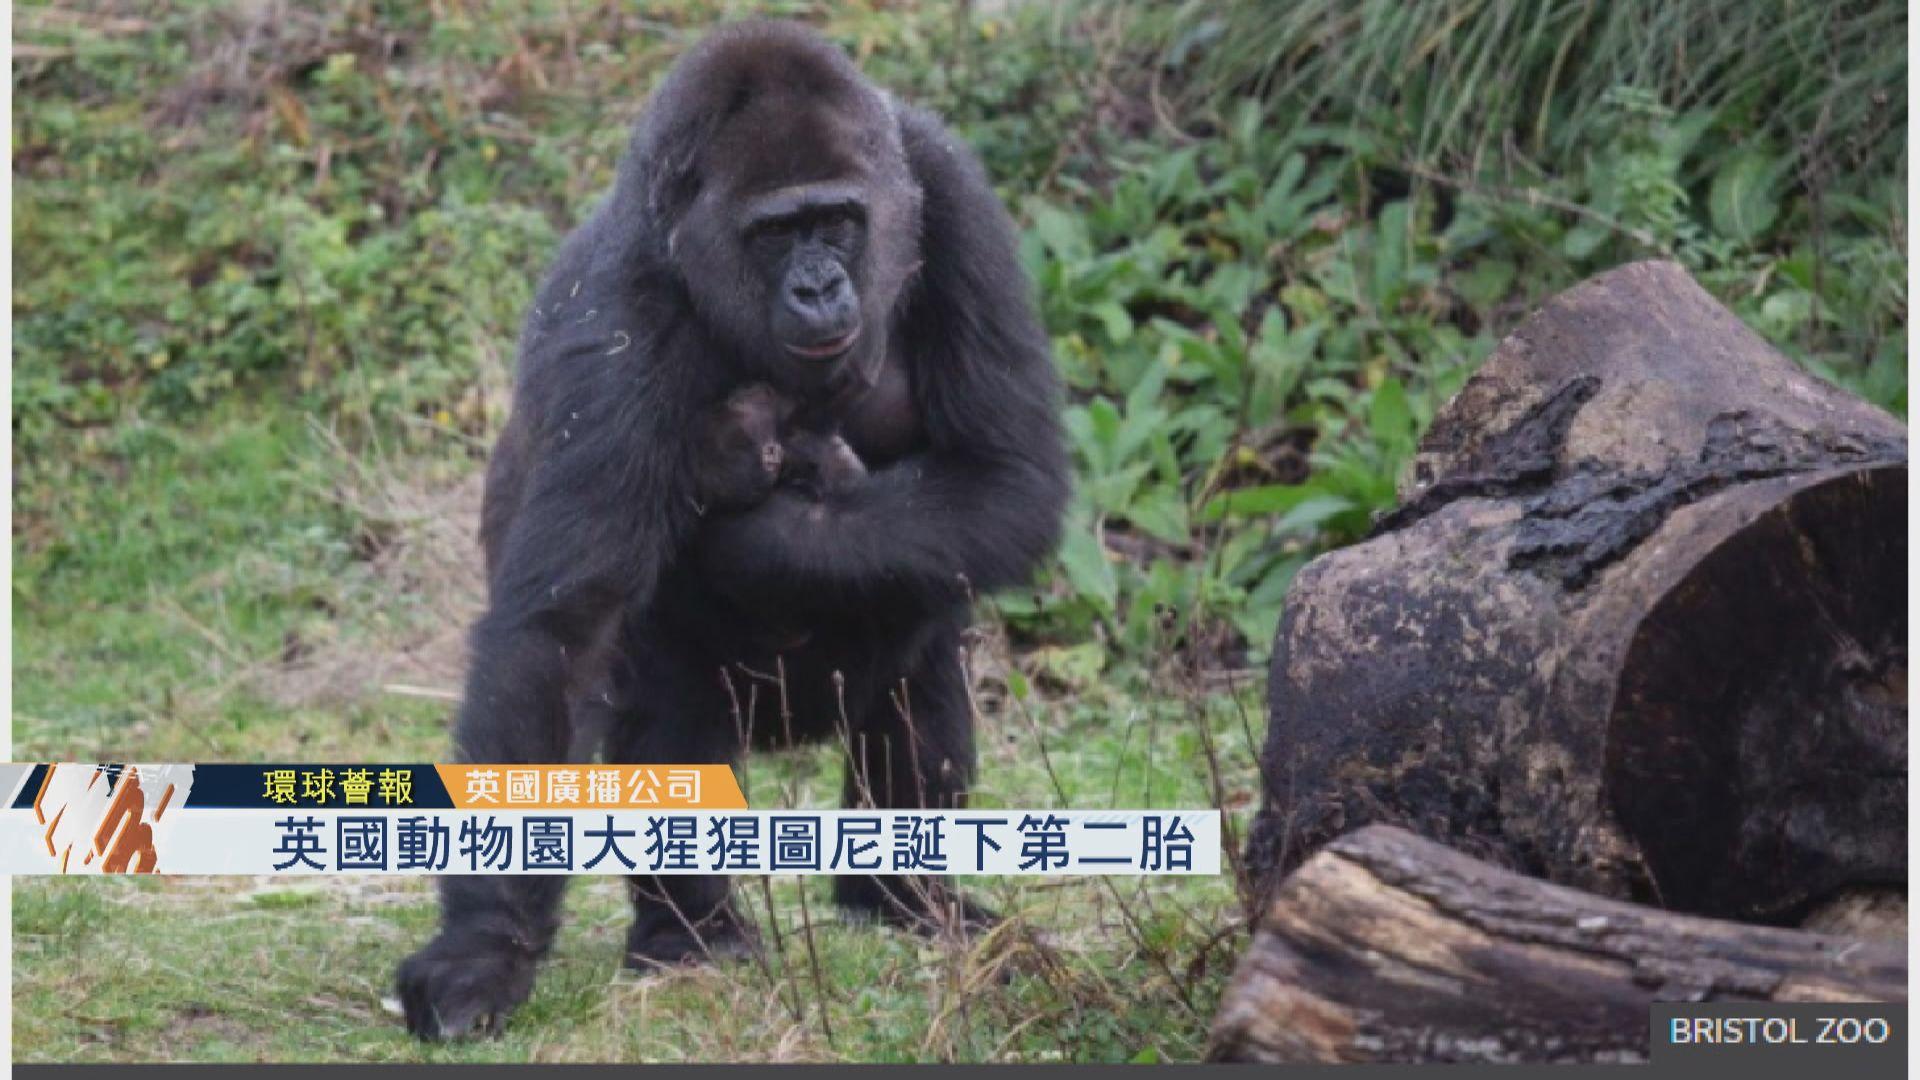 【環球薈報】英國動物園大猩猩圖尼誕下第二胎